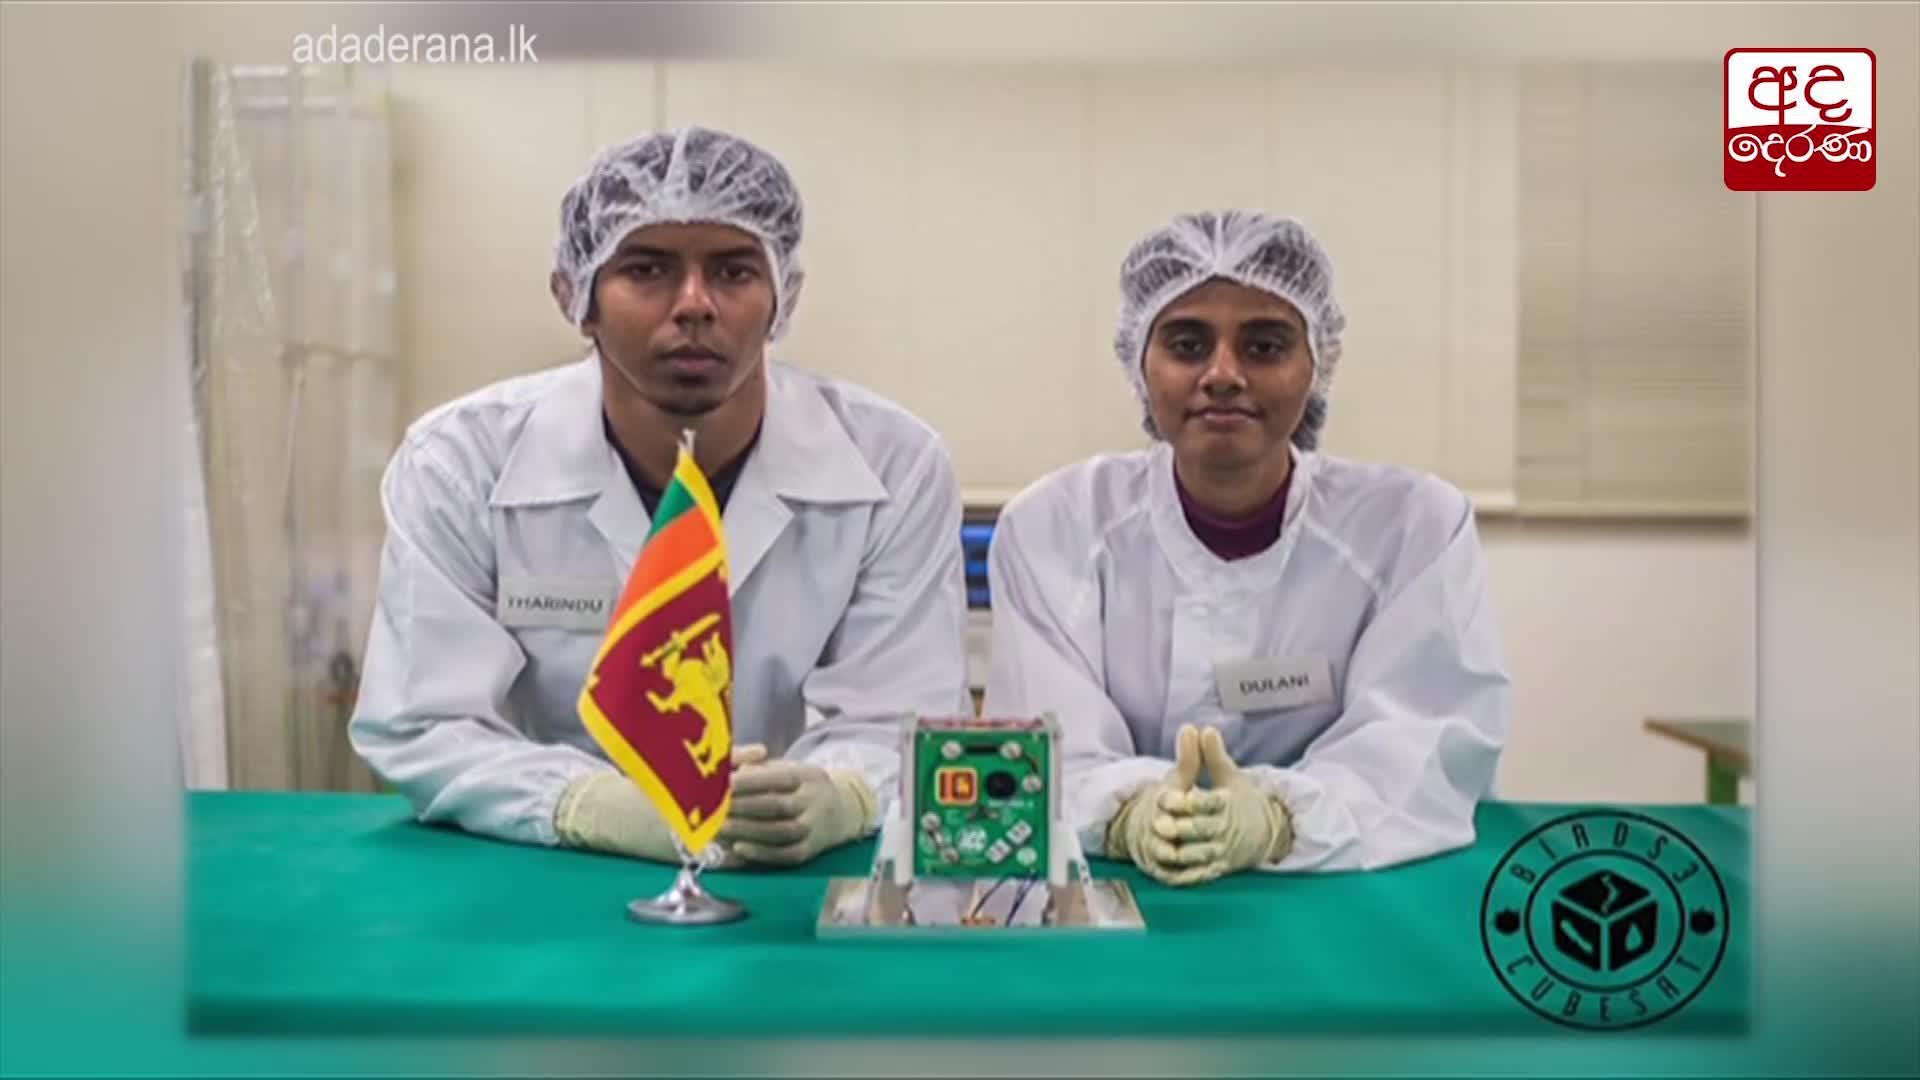 RAVANA 1 - Sri Lanka&#39s first satellite ready for launch